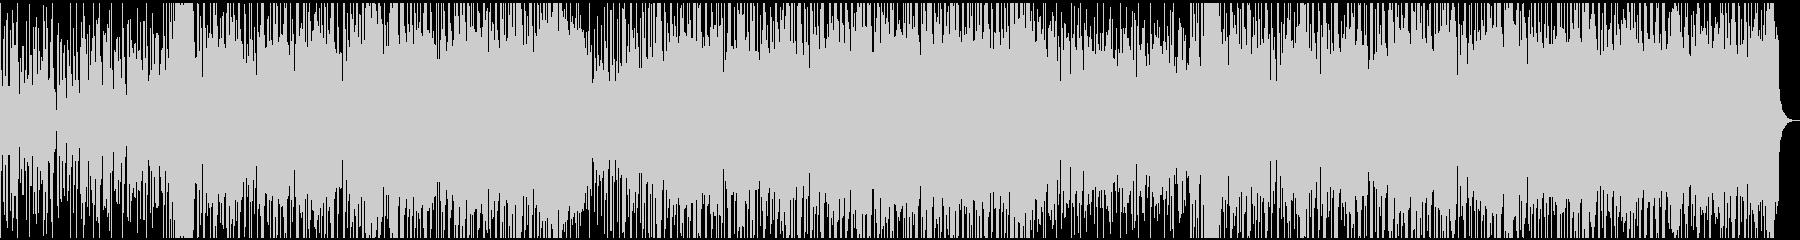 リードソロドライブギターのこのトラ...の未再生の波形